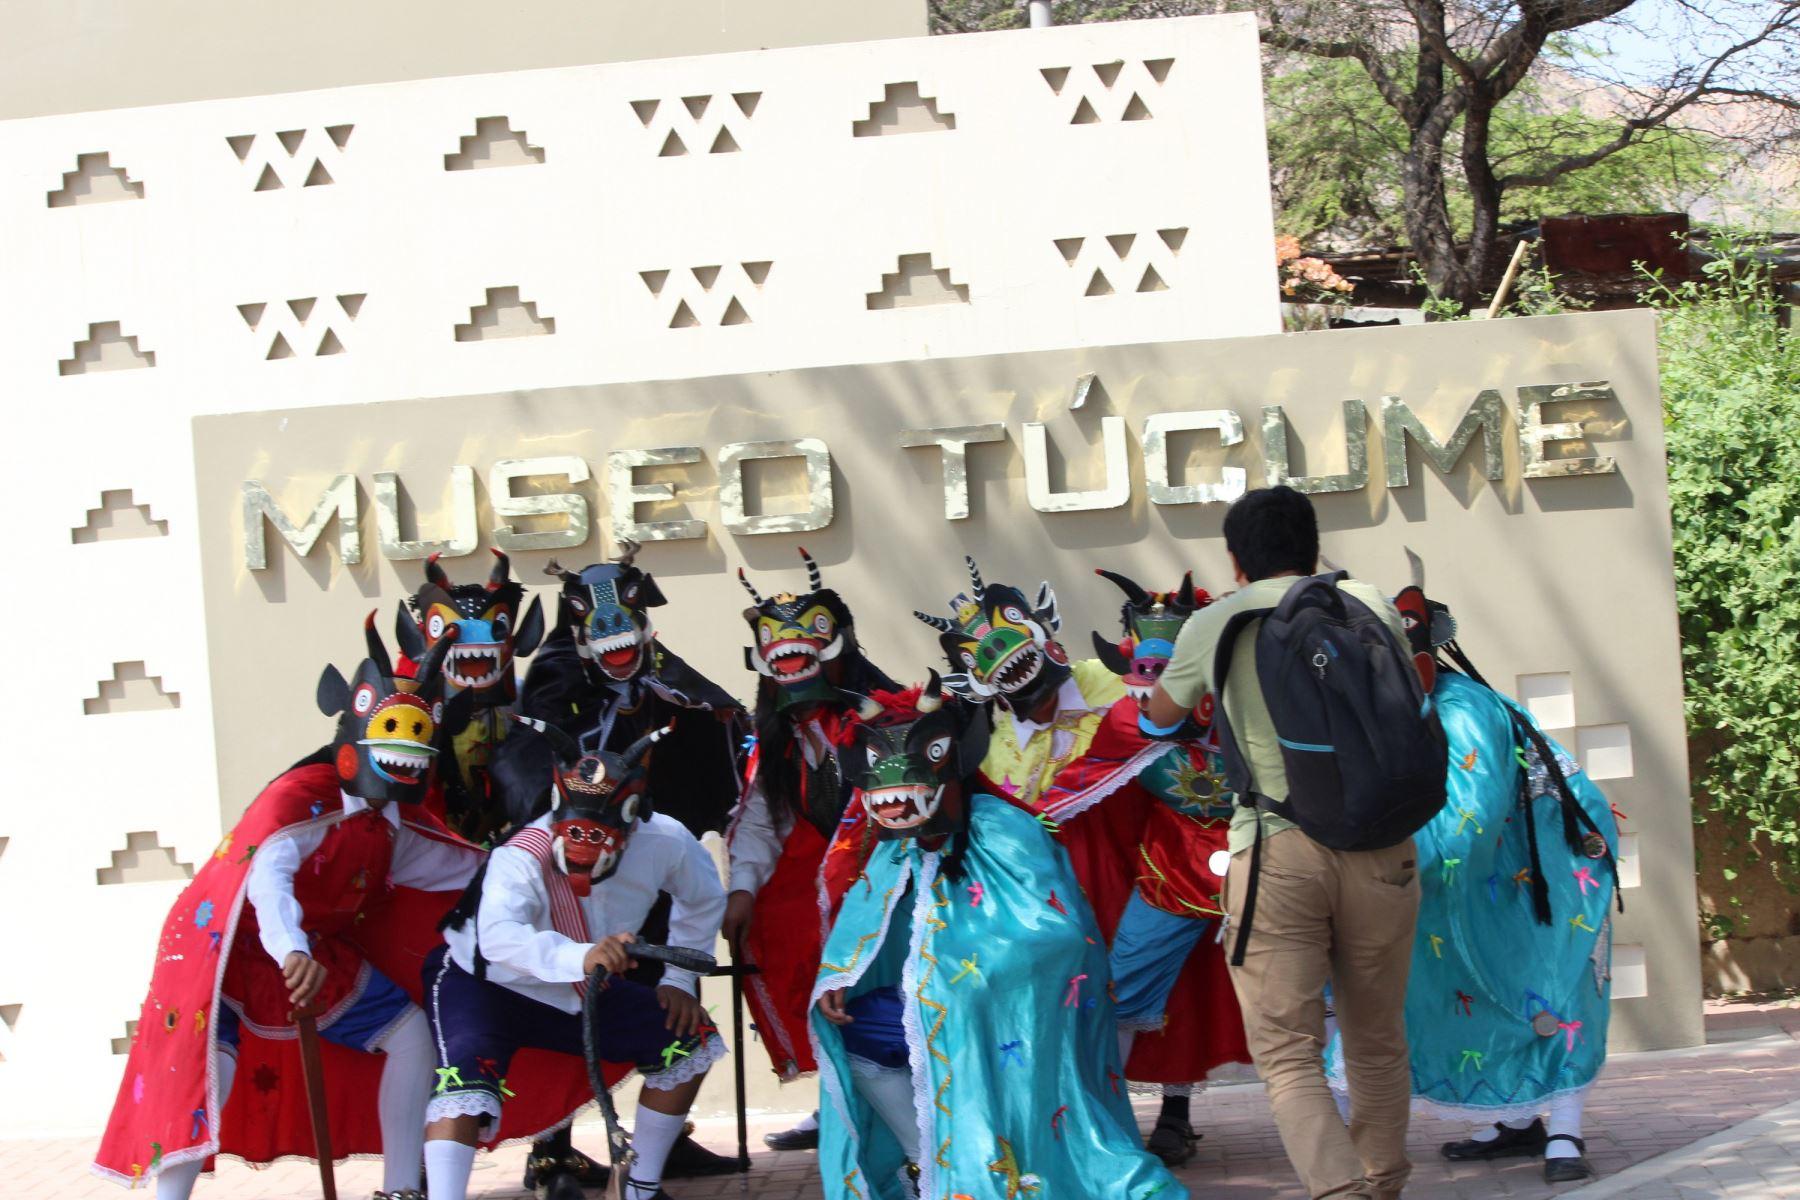 Comenzaron las actividades por el 27º aniversario de creación del Museo de Sitio Túcume, ubicado en la región Lambayeque. Foto: ANDINA/Archivo/Silvia Depaz